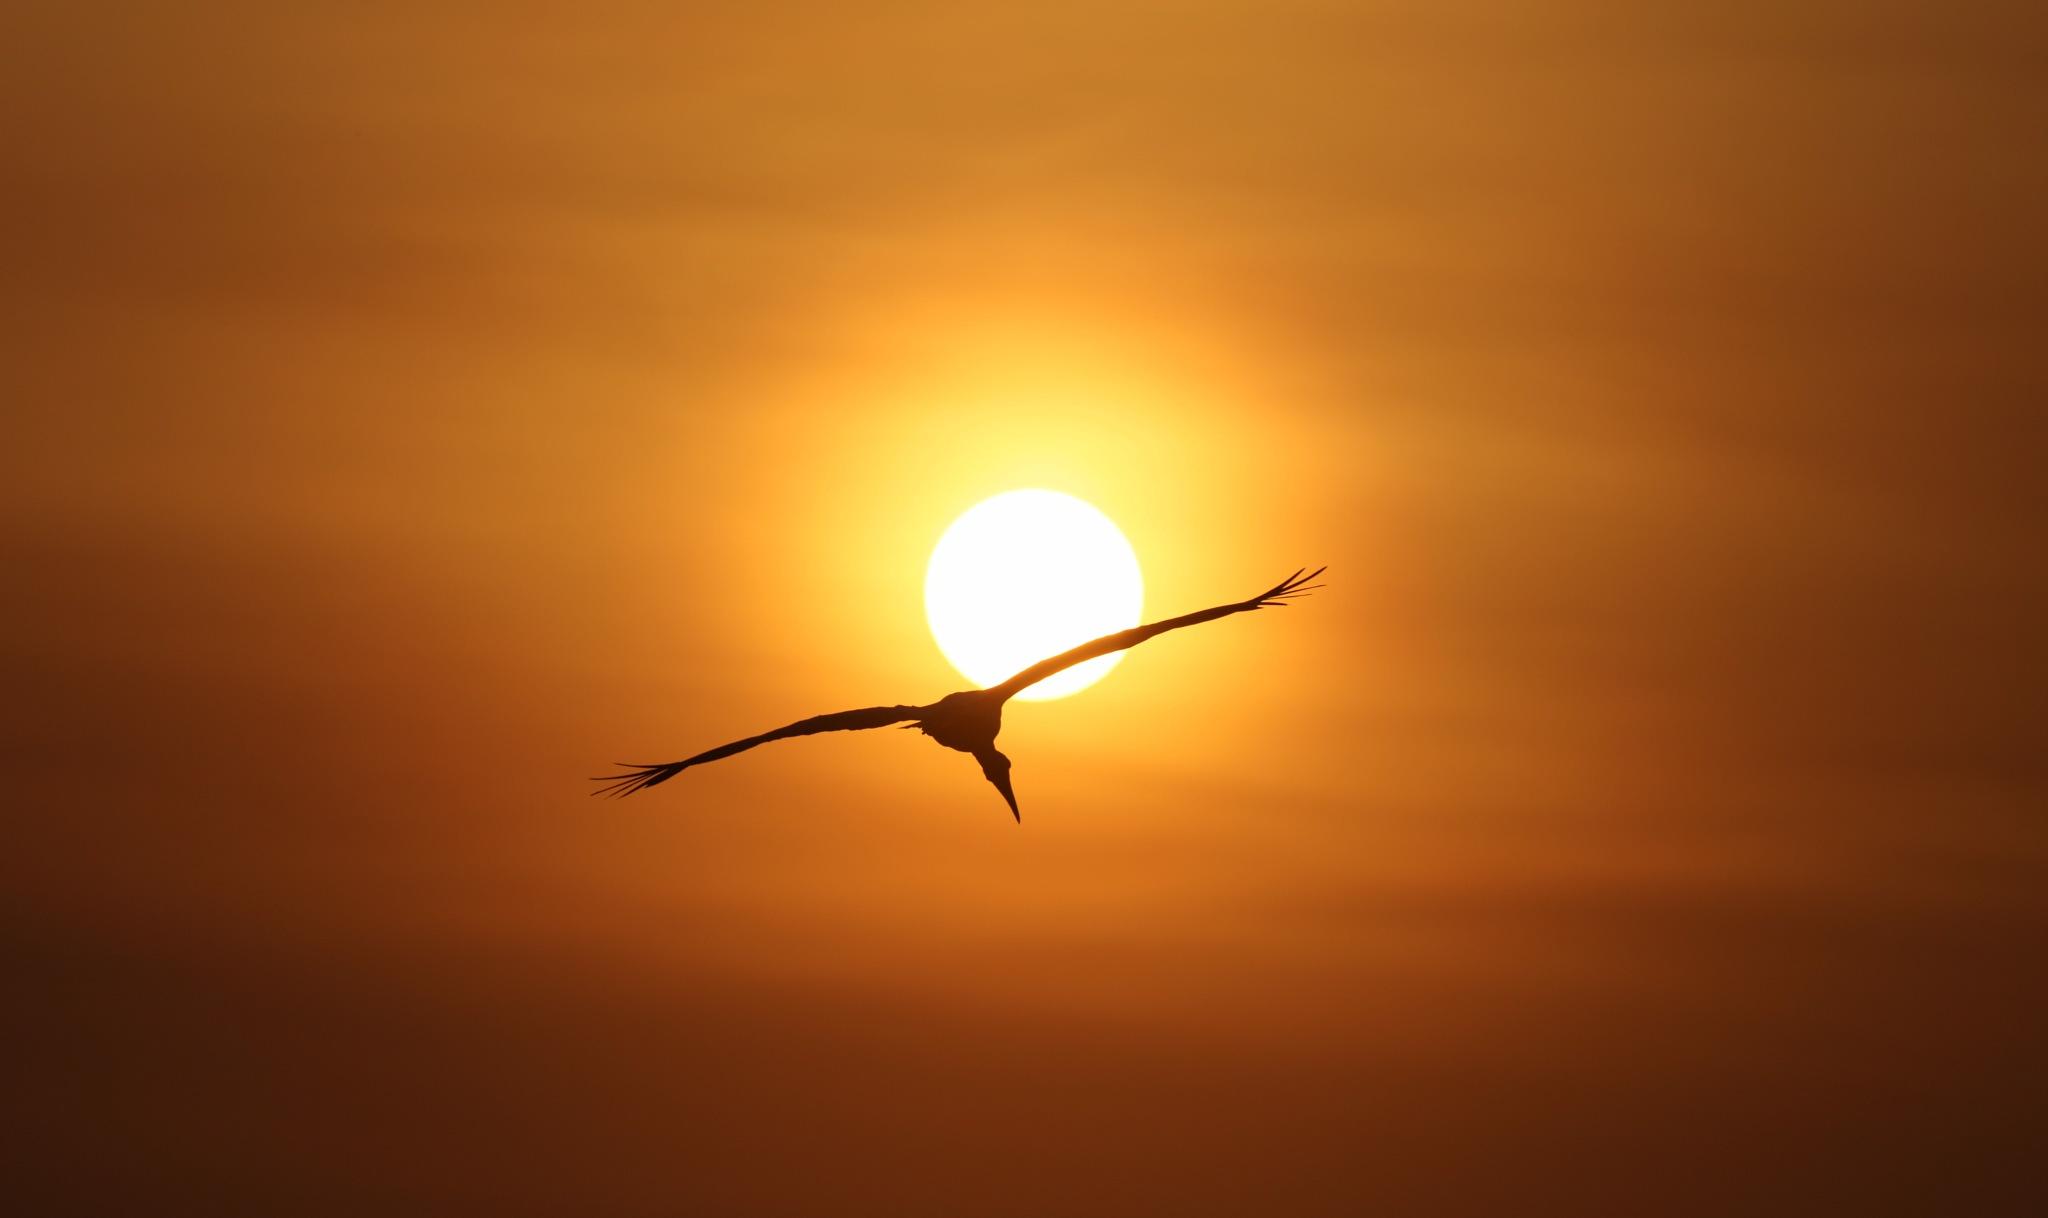 Yellow-billed Stork by Janaka